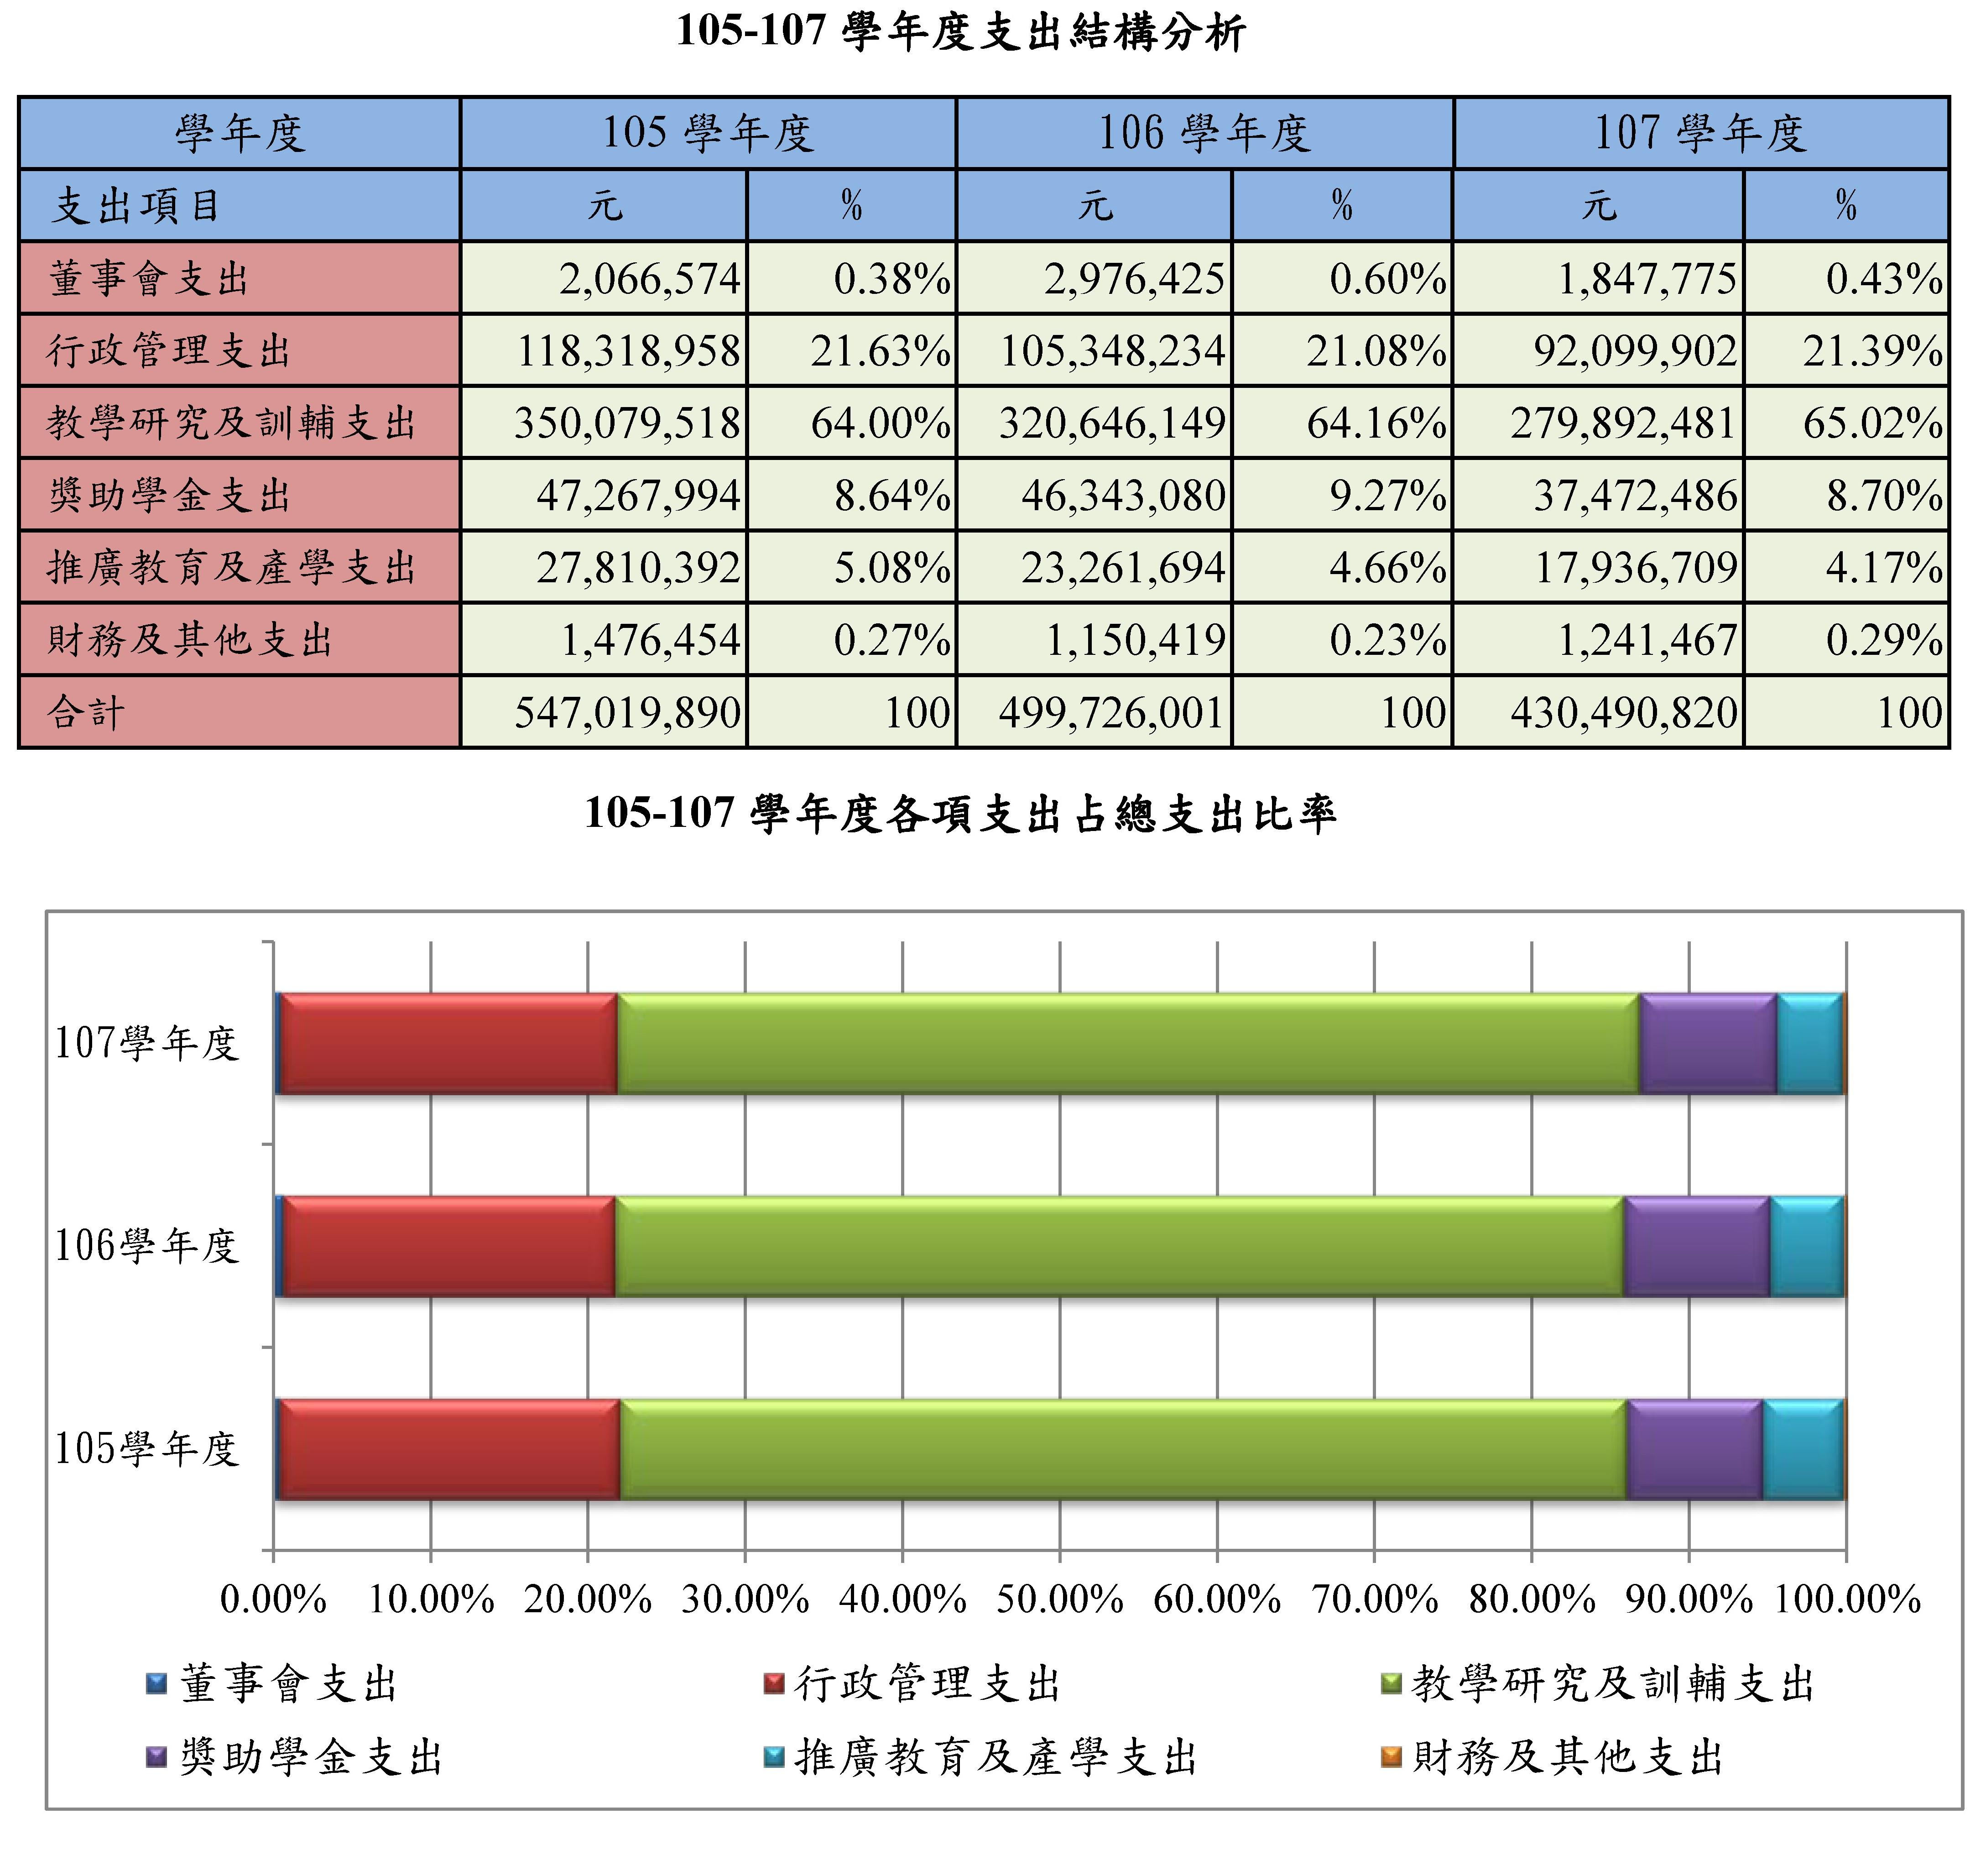 華梵大學校務及財務資訊公開專區--近3年學校支出分析